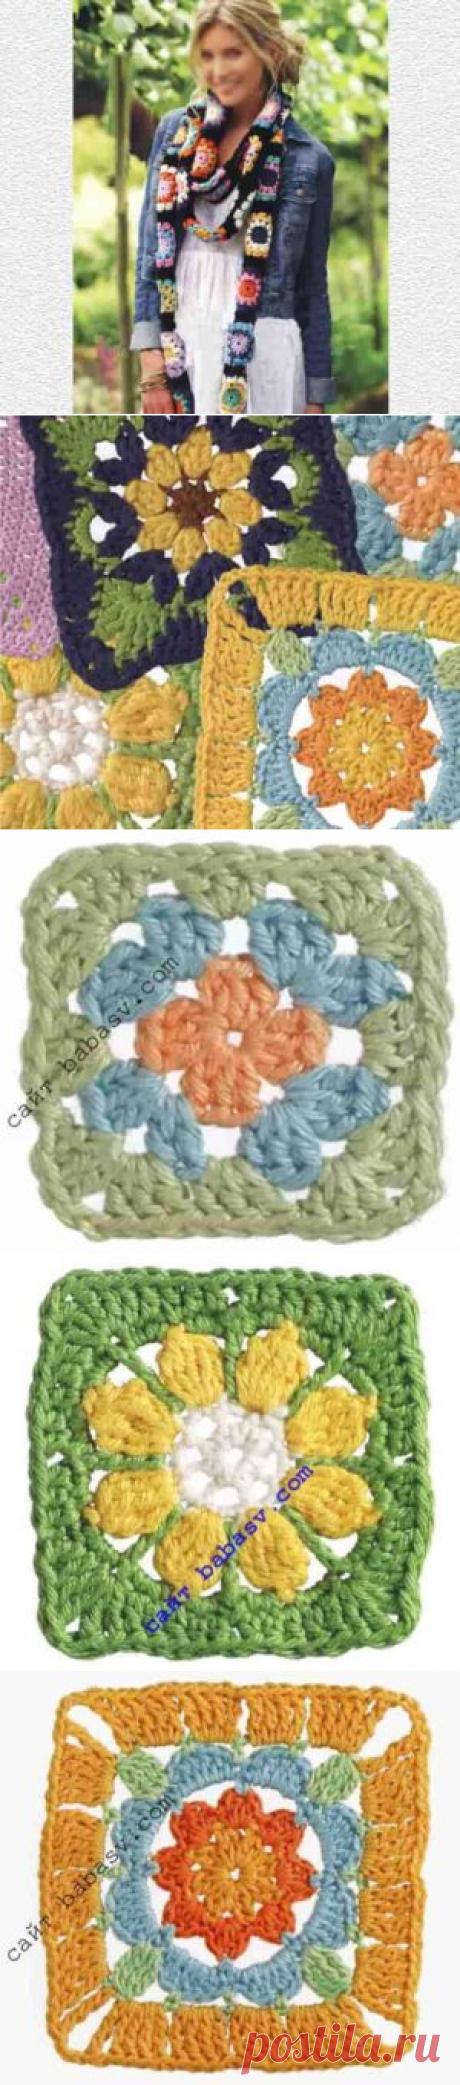 Гирлянда цветов: 8 мотивов крючком и шарф, описания и схемы